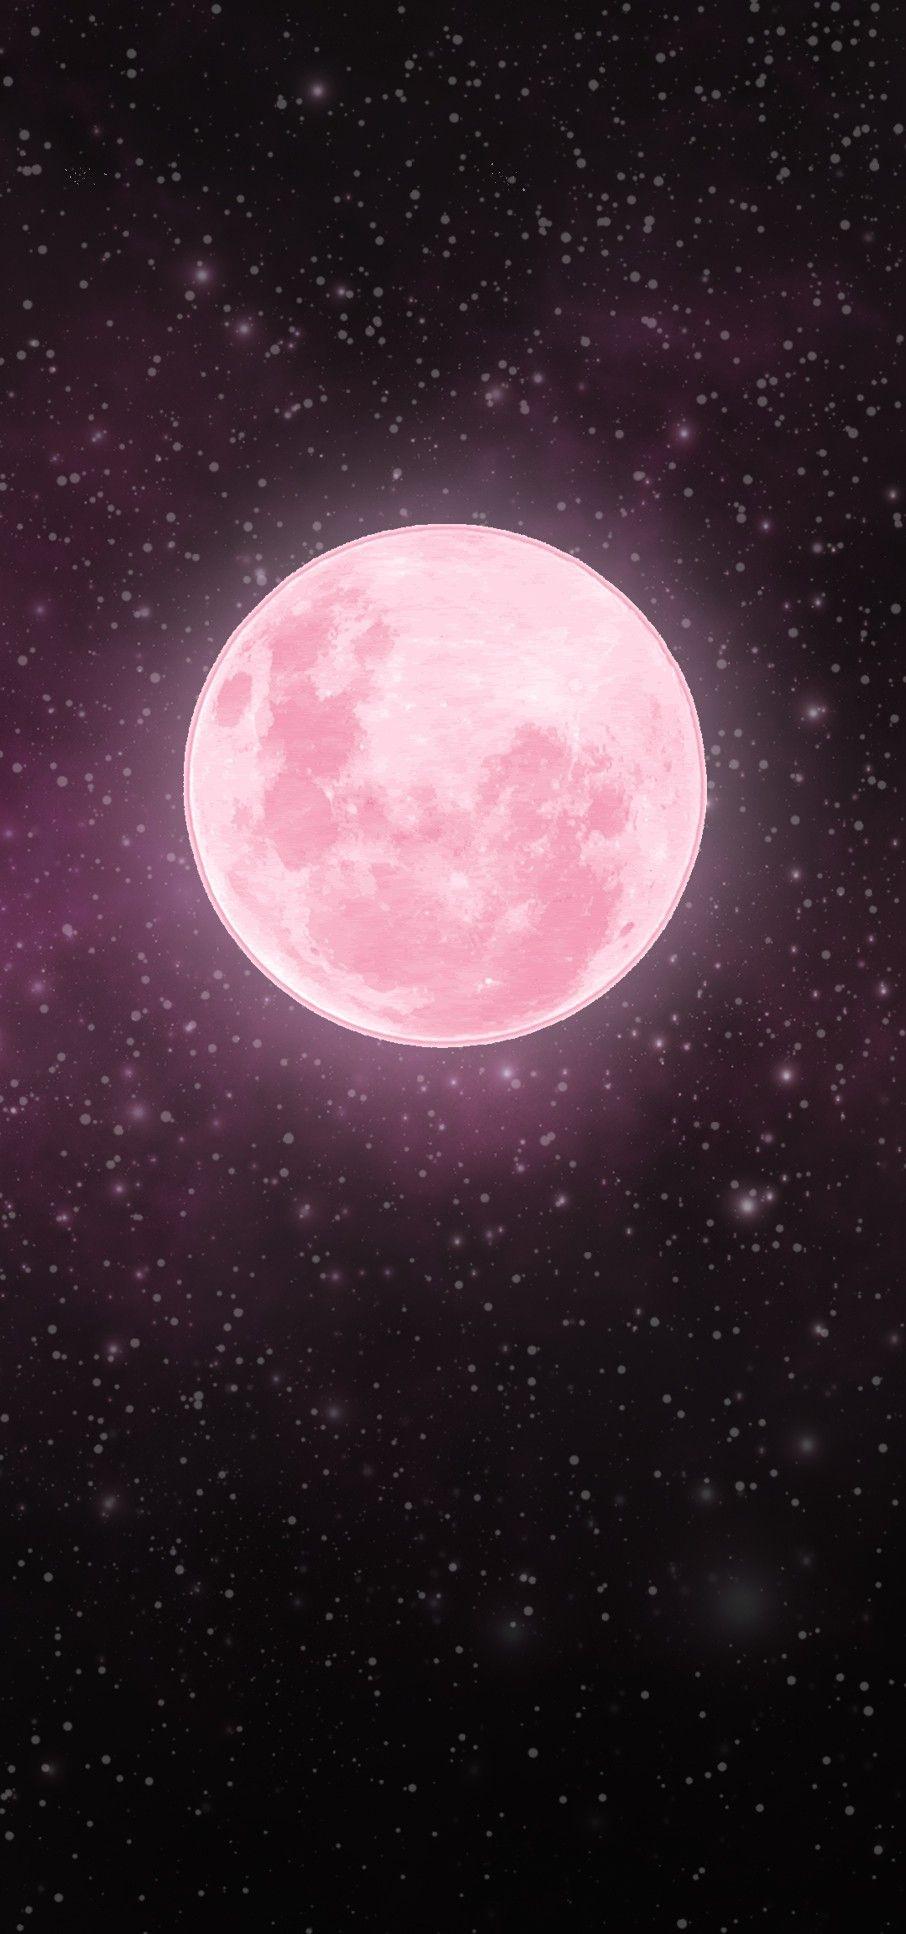 Pink Moon Pink Moon Wallpaper Moon And Stars Wallpaper Pink Moon